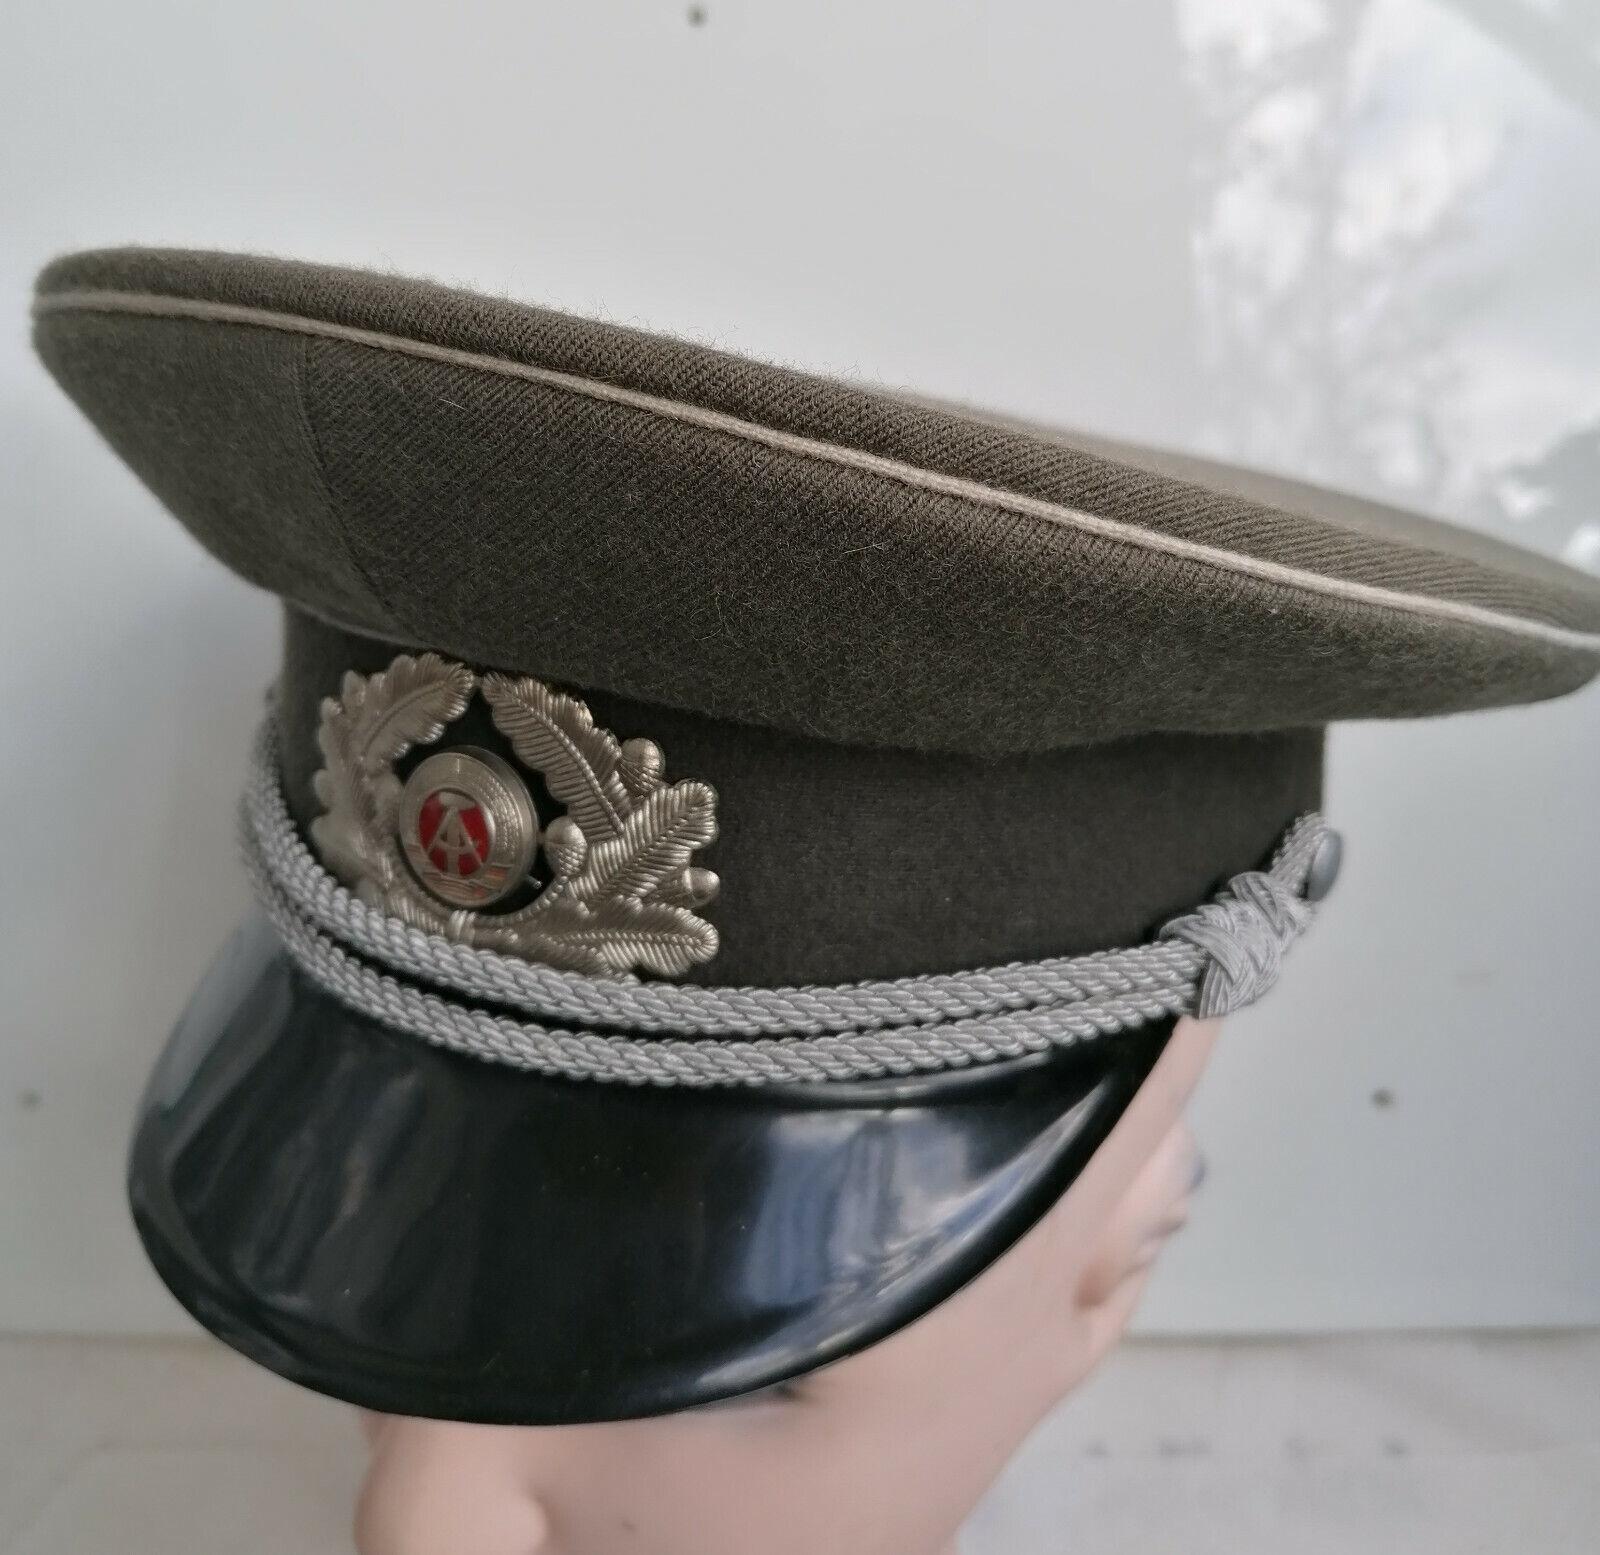 Bild 1 - SAMMLUNGSAUFLÖSUNG-NVA Schirmmütze-Offizier- aus 1968 -Grösse 57